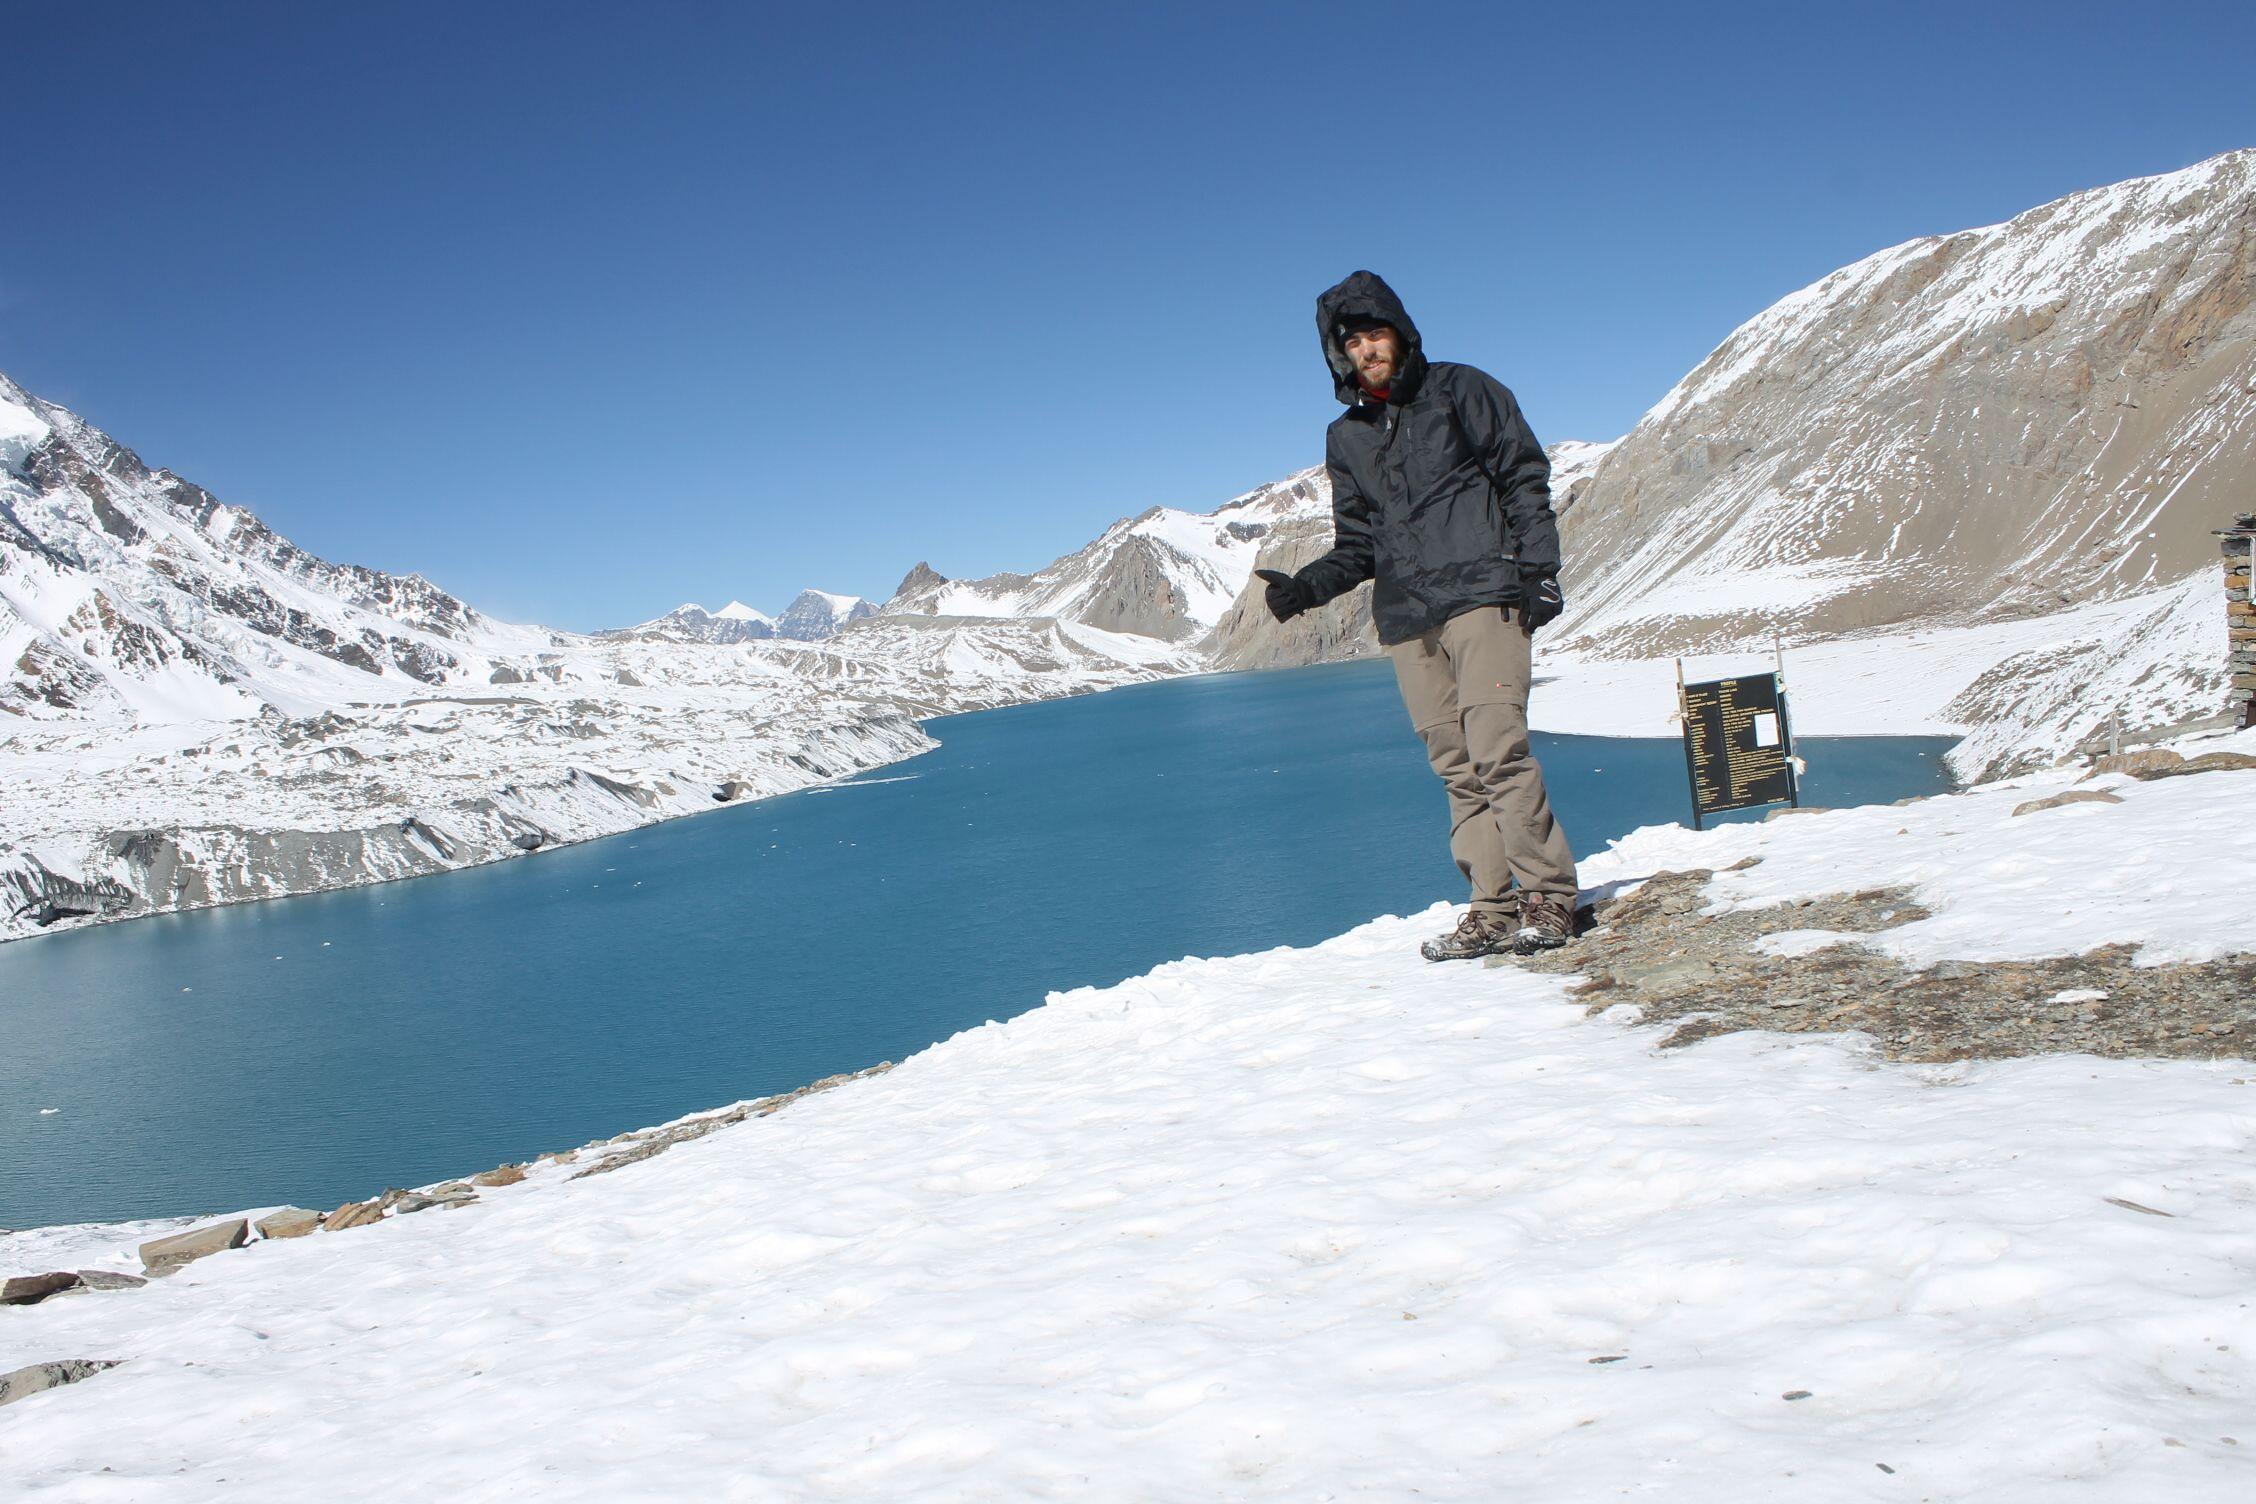 Dani muy orgulloso en el Tilicho Lake